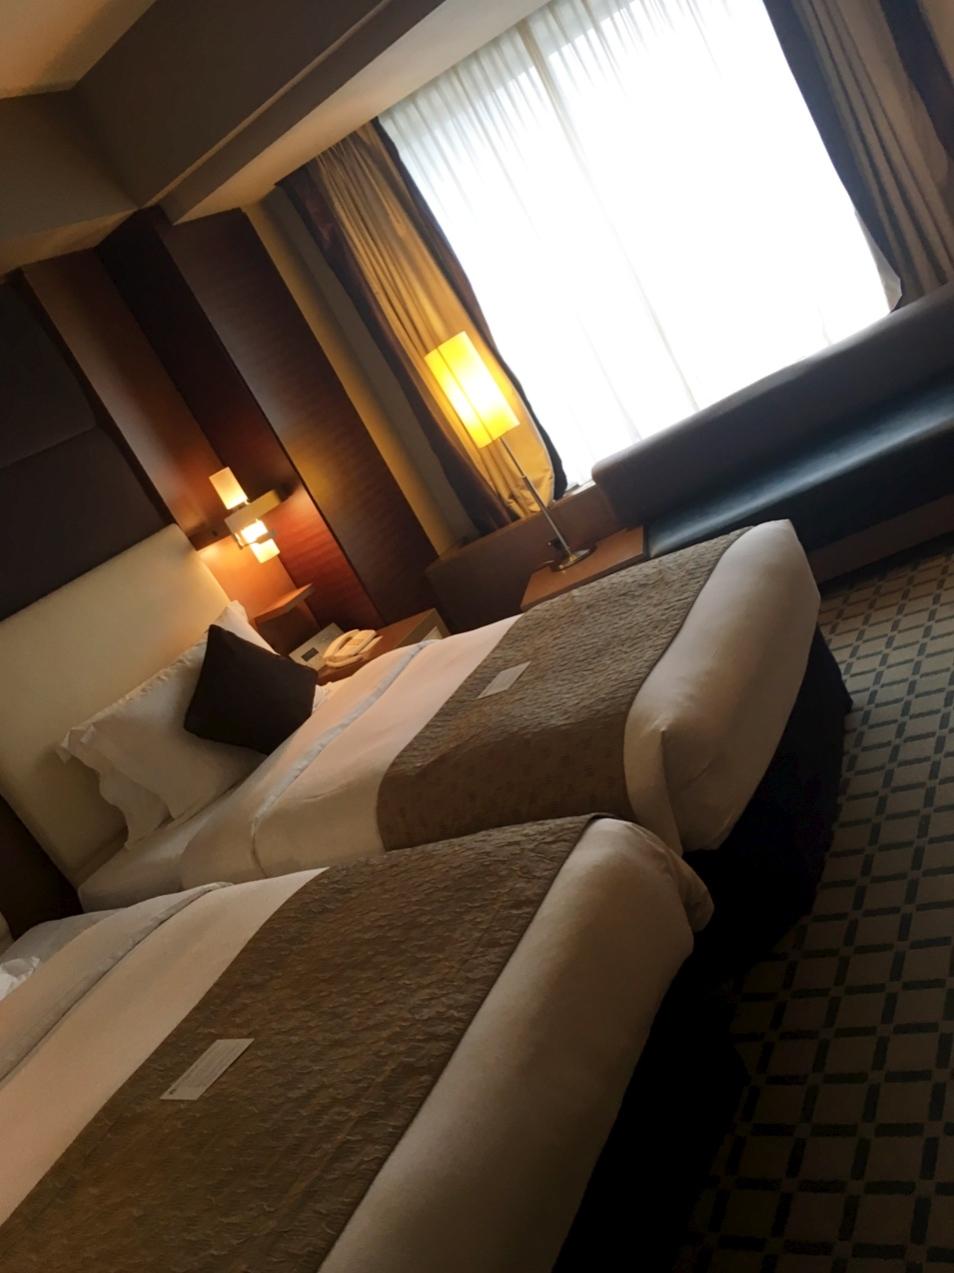 ホテルステイは8月号特集にも♡ANAインターコンチお部屋とクラブラウンジ編_1_2